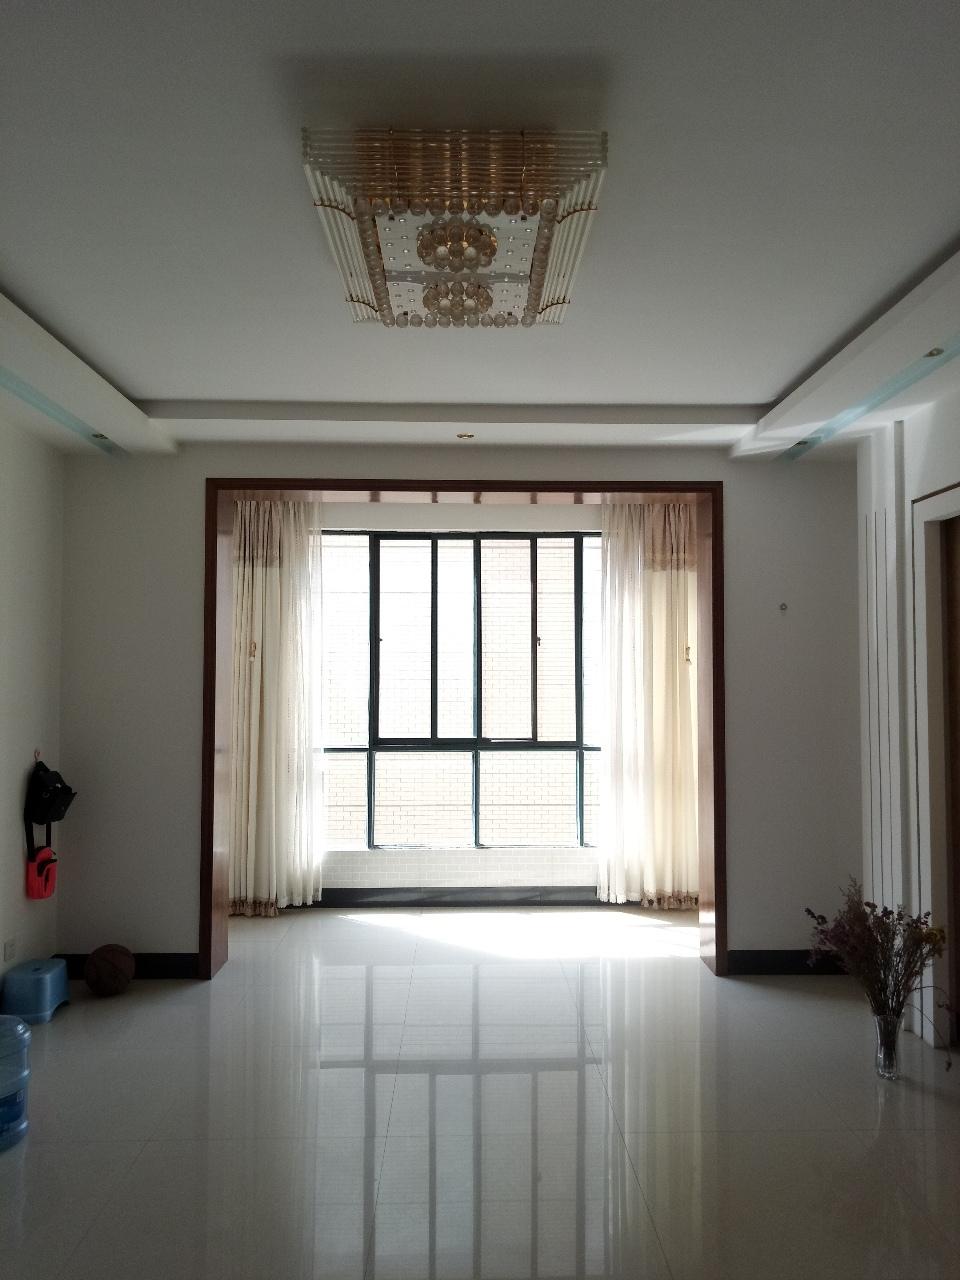 金泰华苑3室 2厅 2卫40.6万元